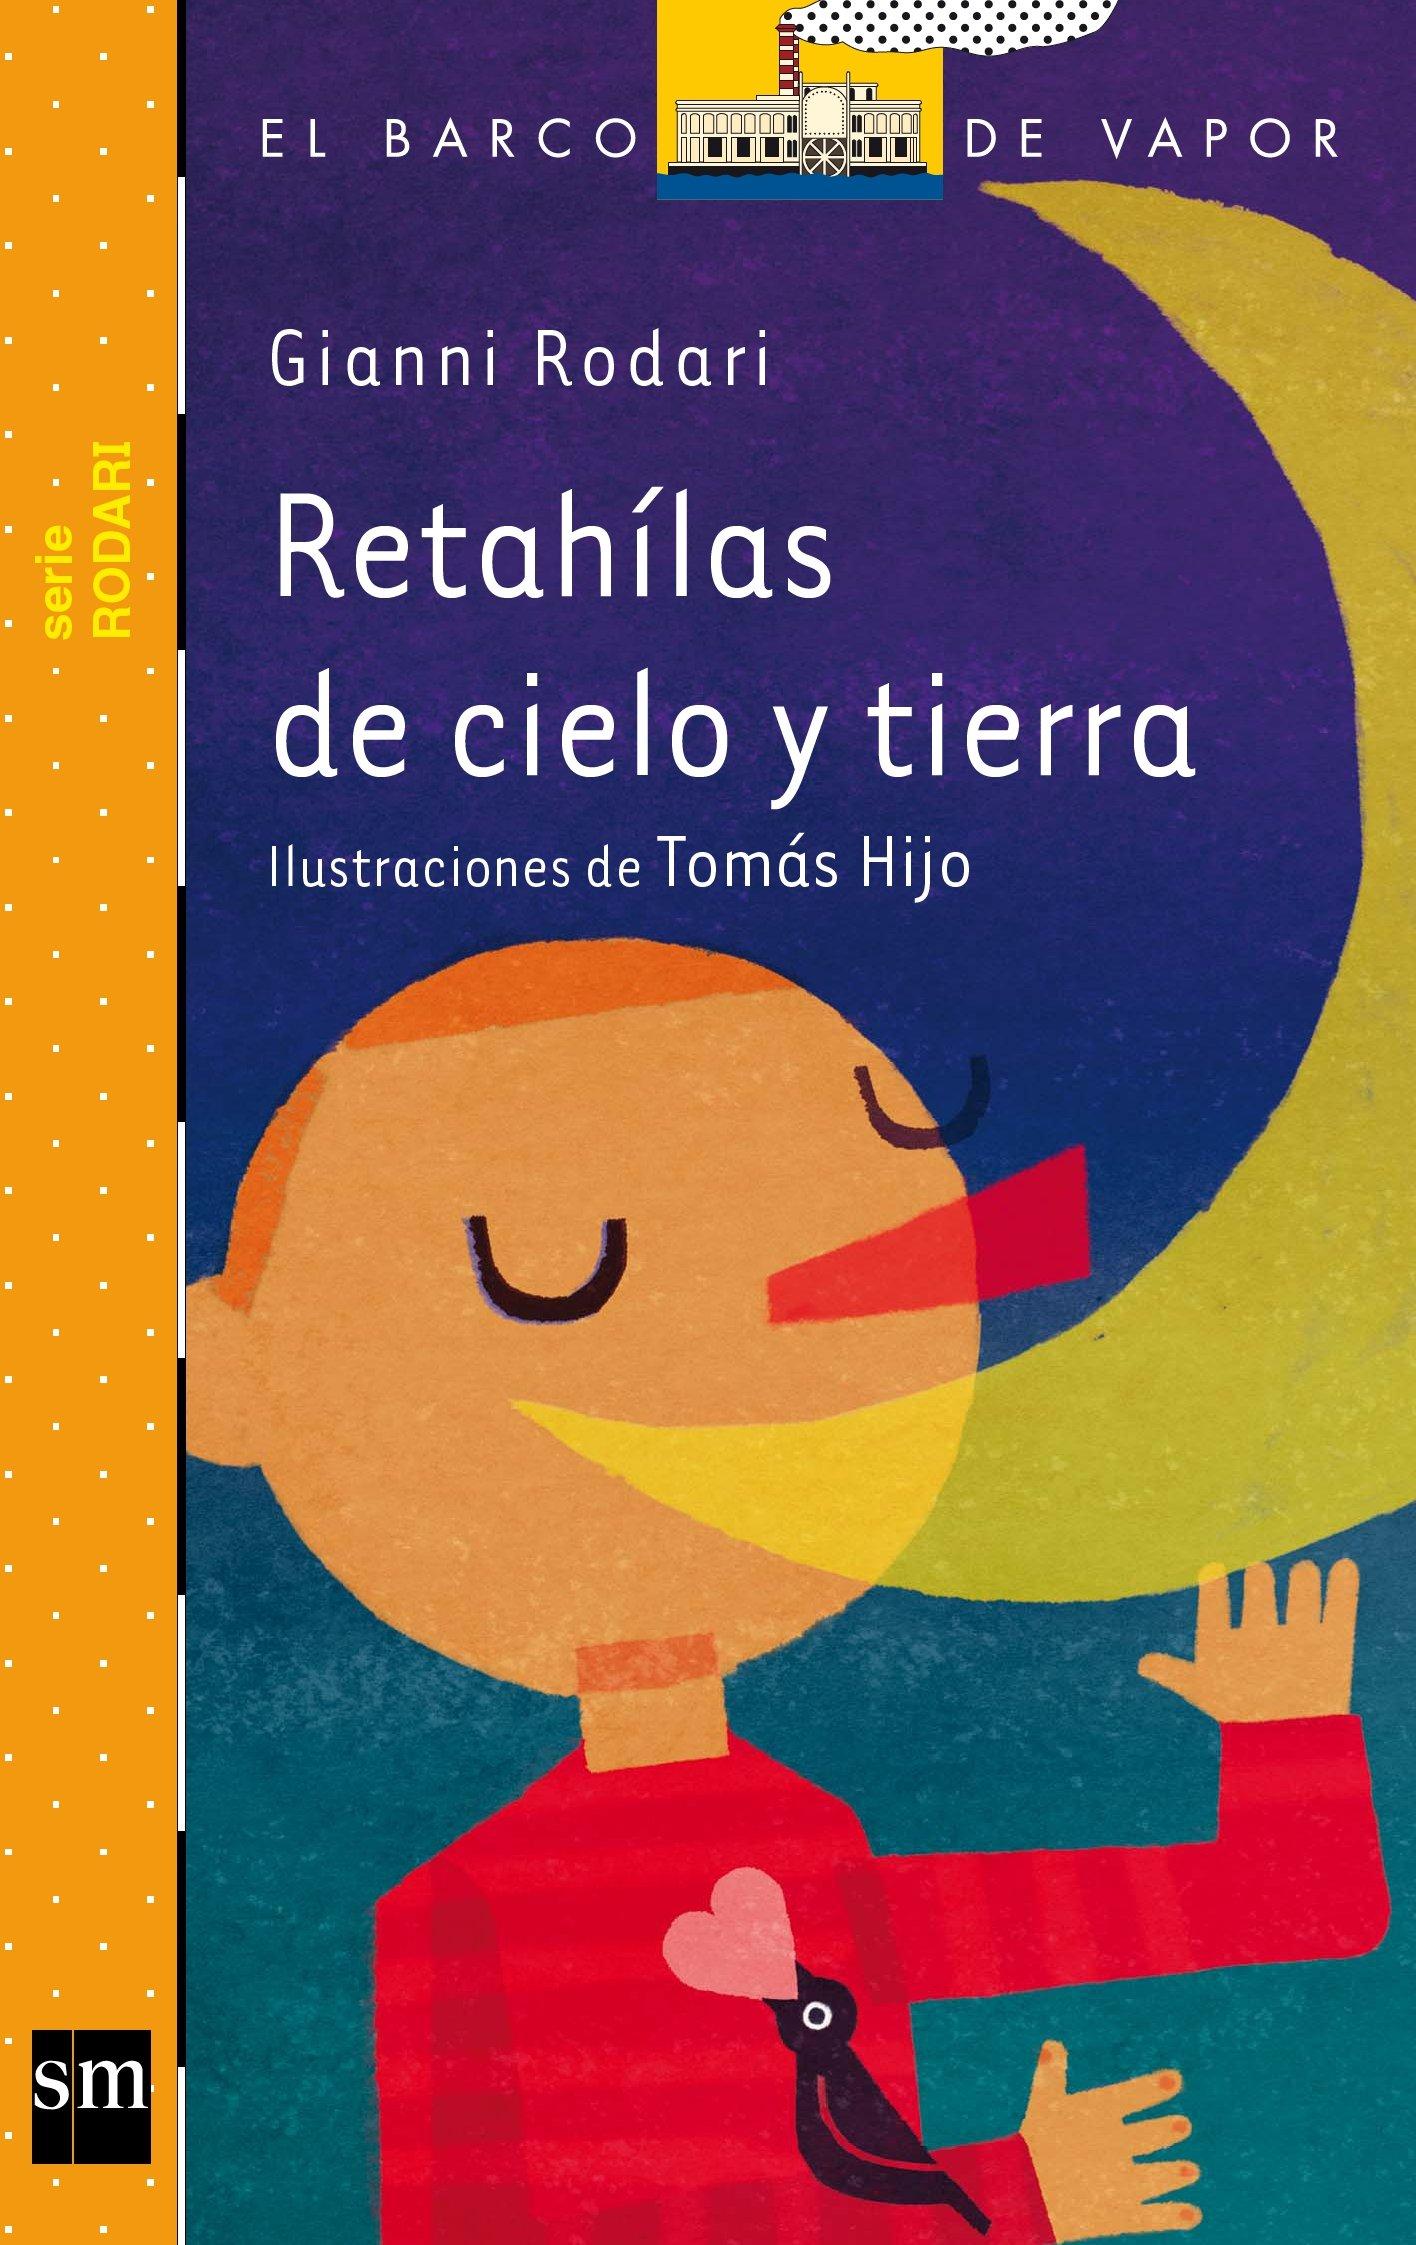 Retahílas de cielo y tierra El Barco de Vapor Naranja: Amazon.es: Gianni  Rodari, Tomás Hijo, Miguel Azaola: Libros